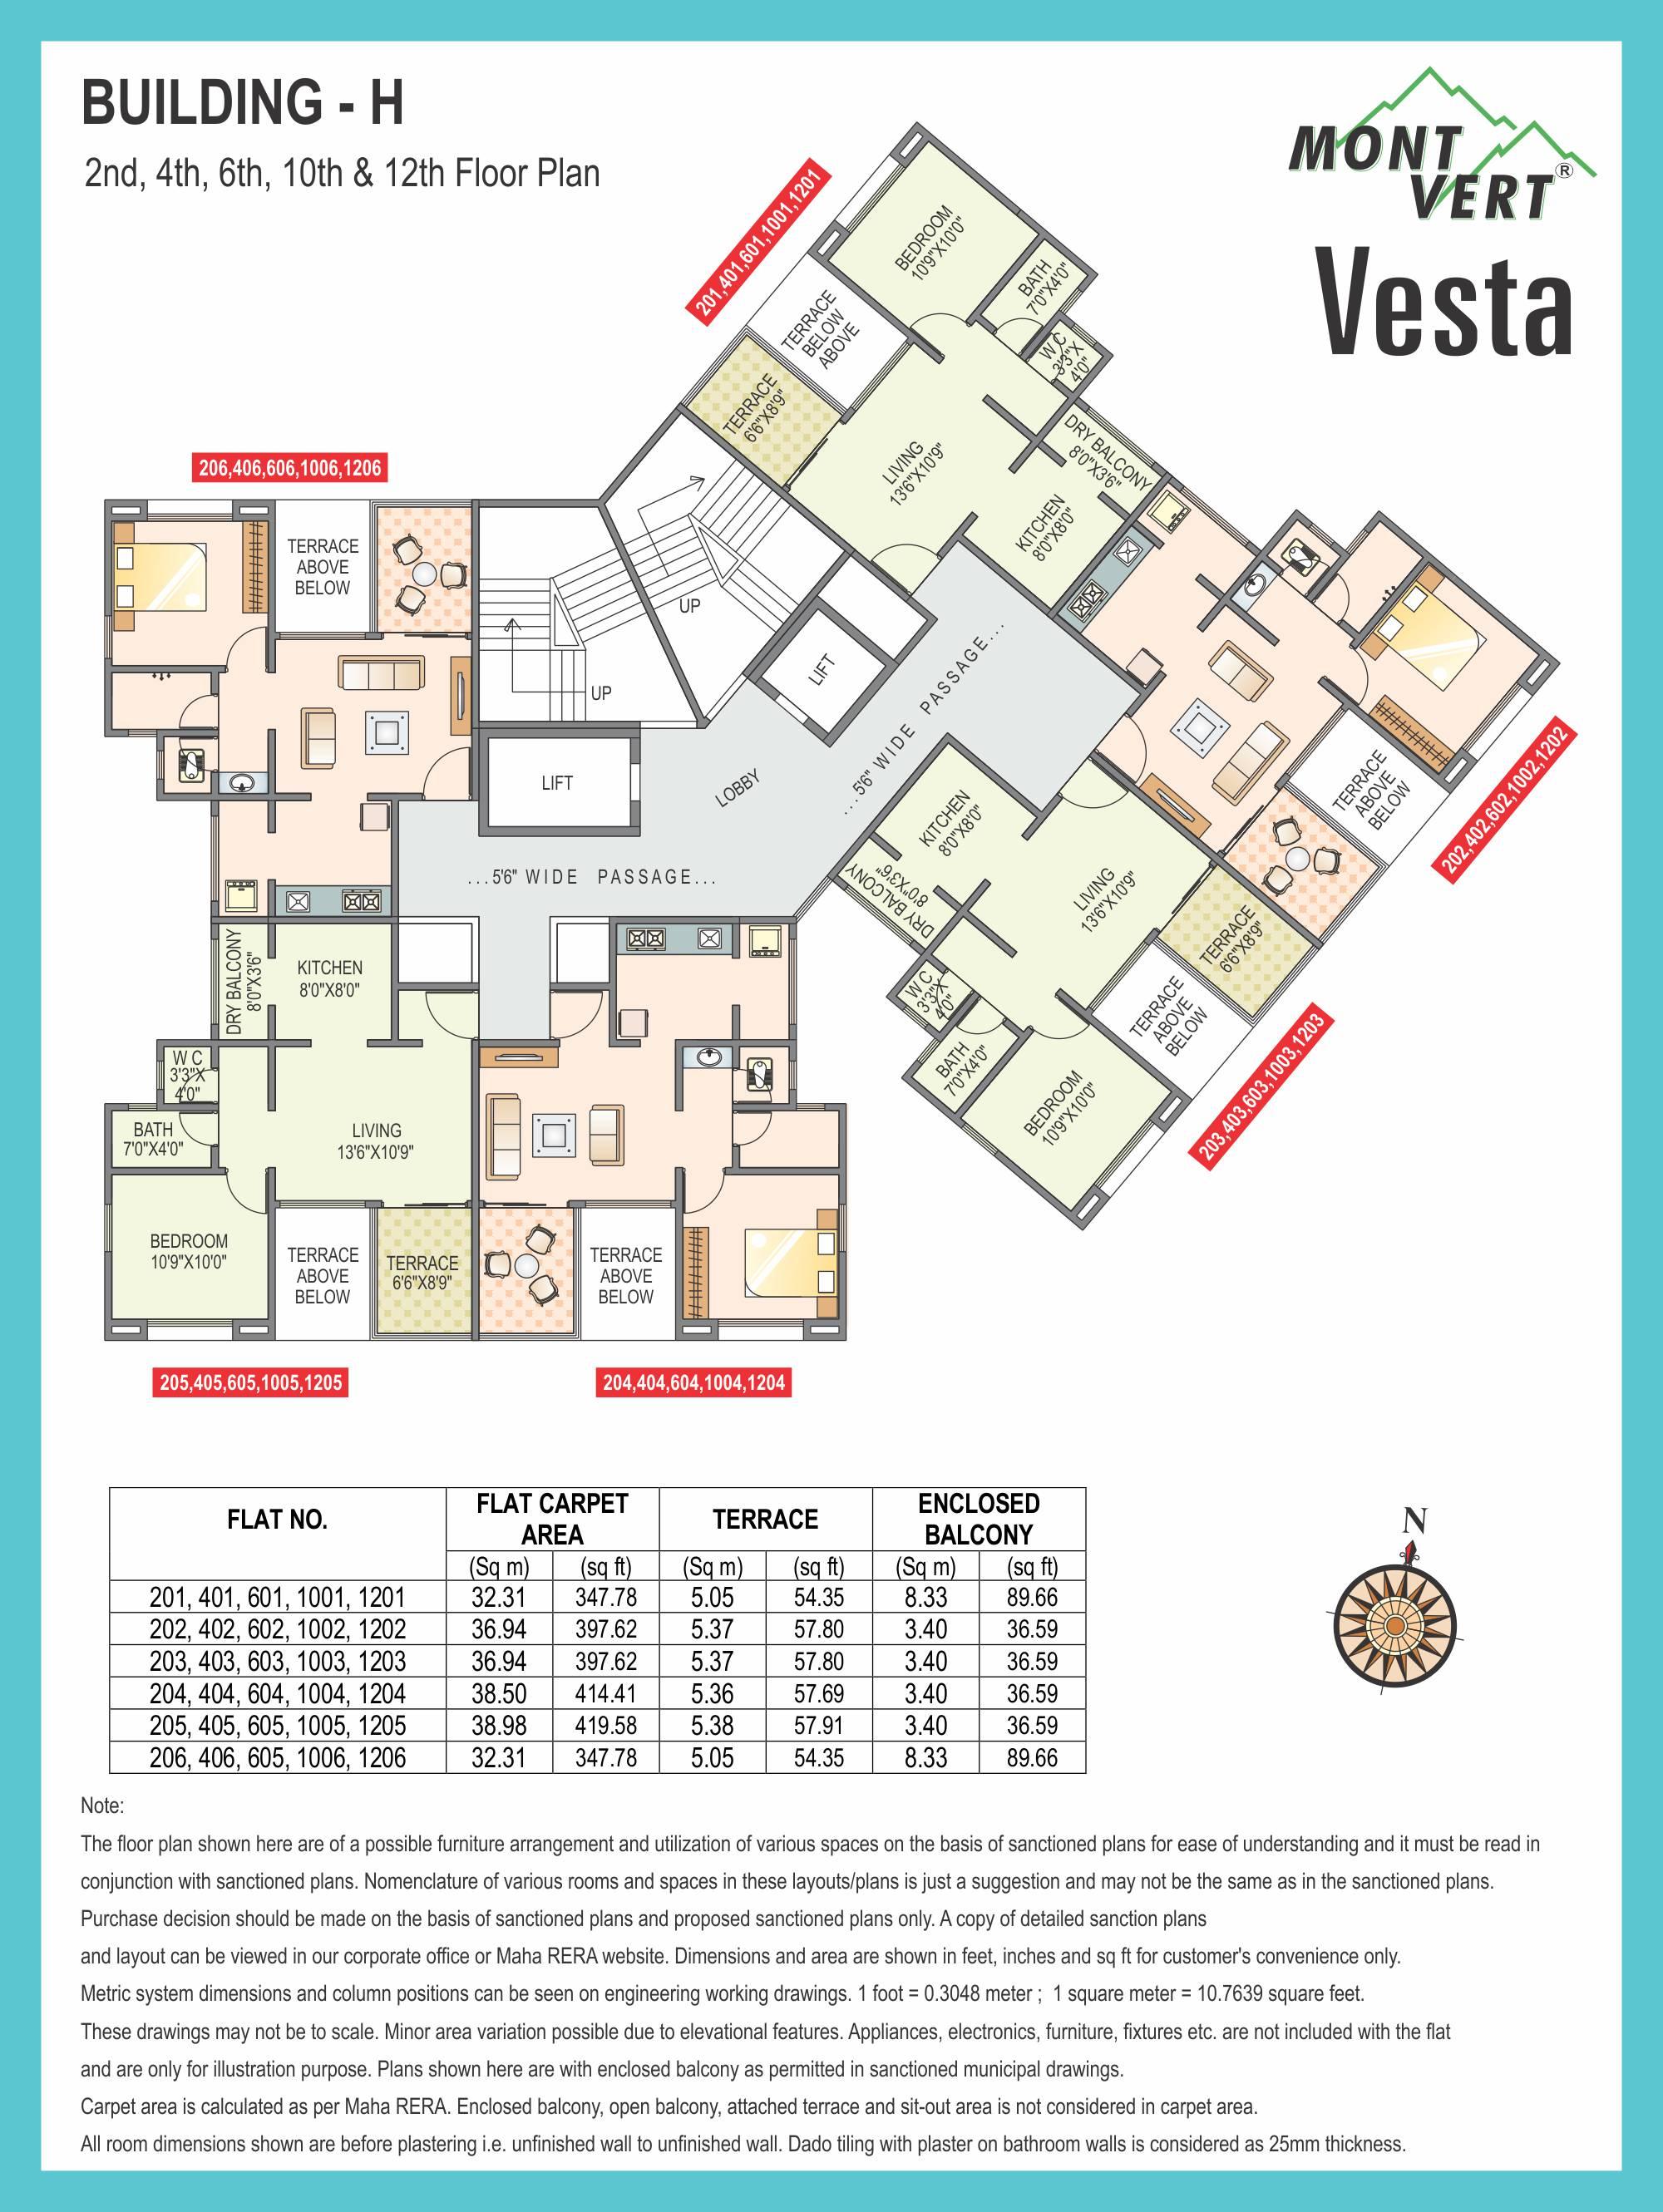 1 BHK Even Floor Plans – Mont Vert Vesta